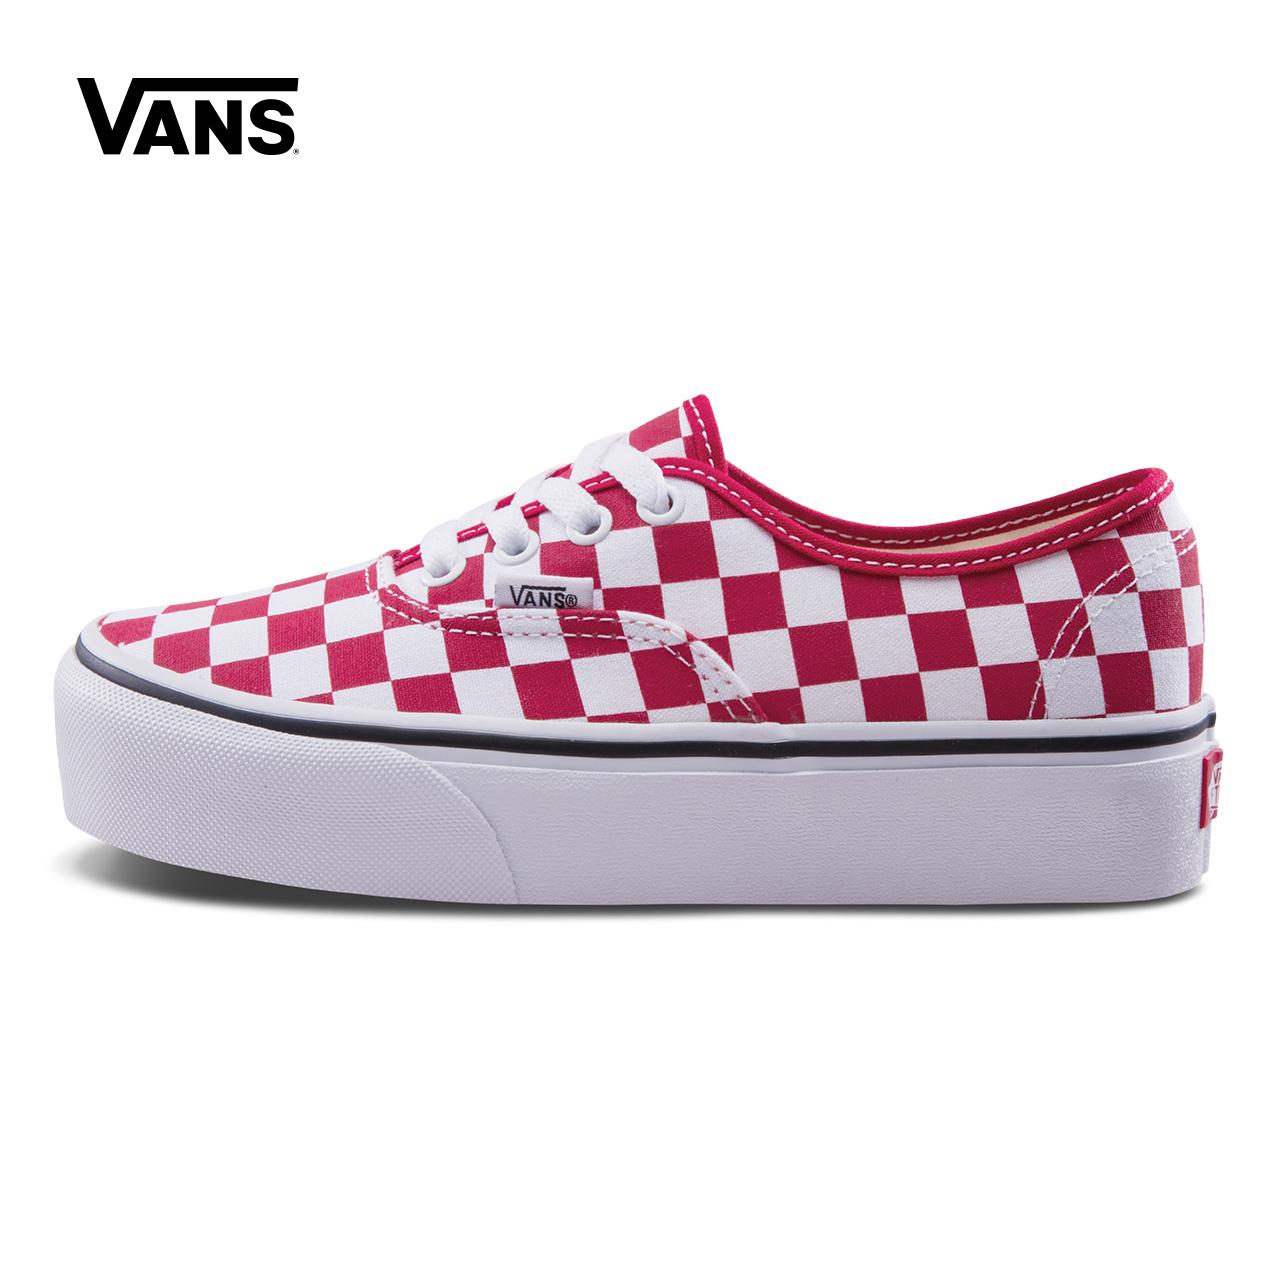 Vans/范斯秋季红/白女款帆布鞋|VN0A3AV8S4E